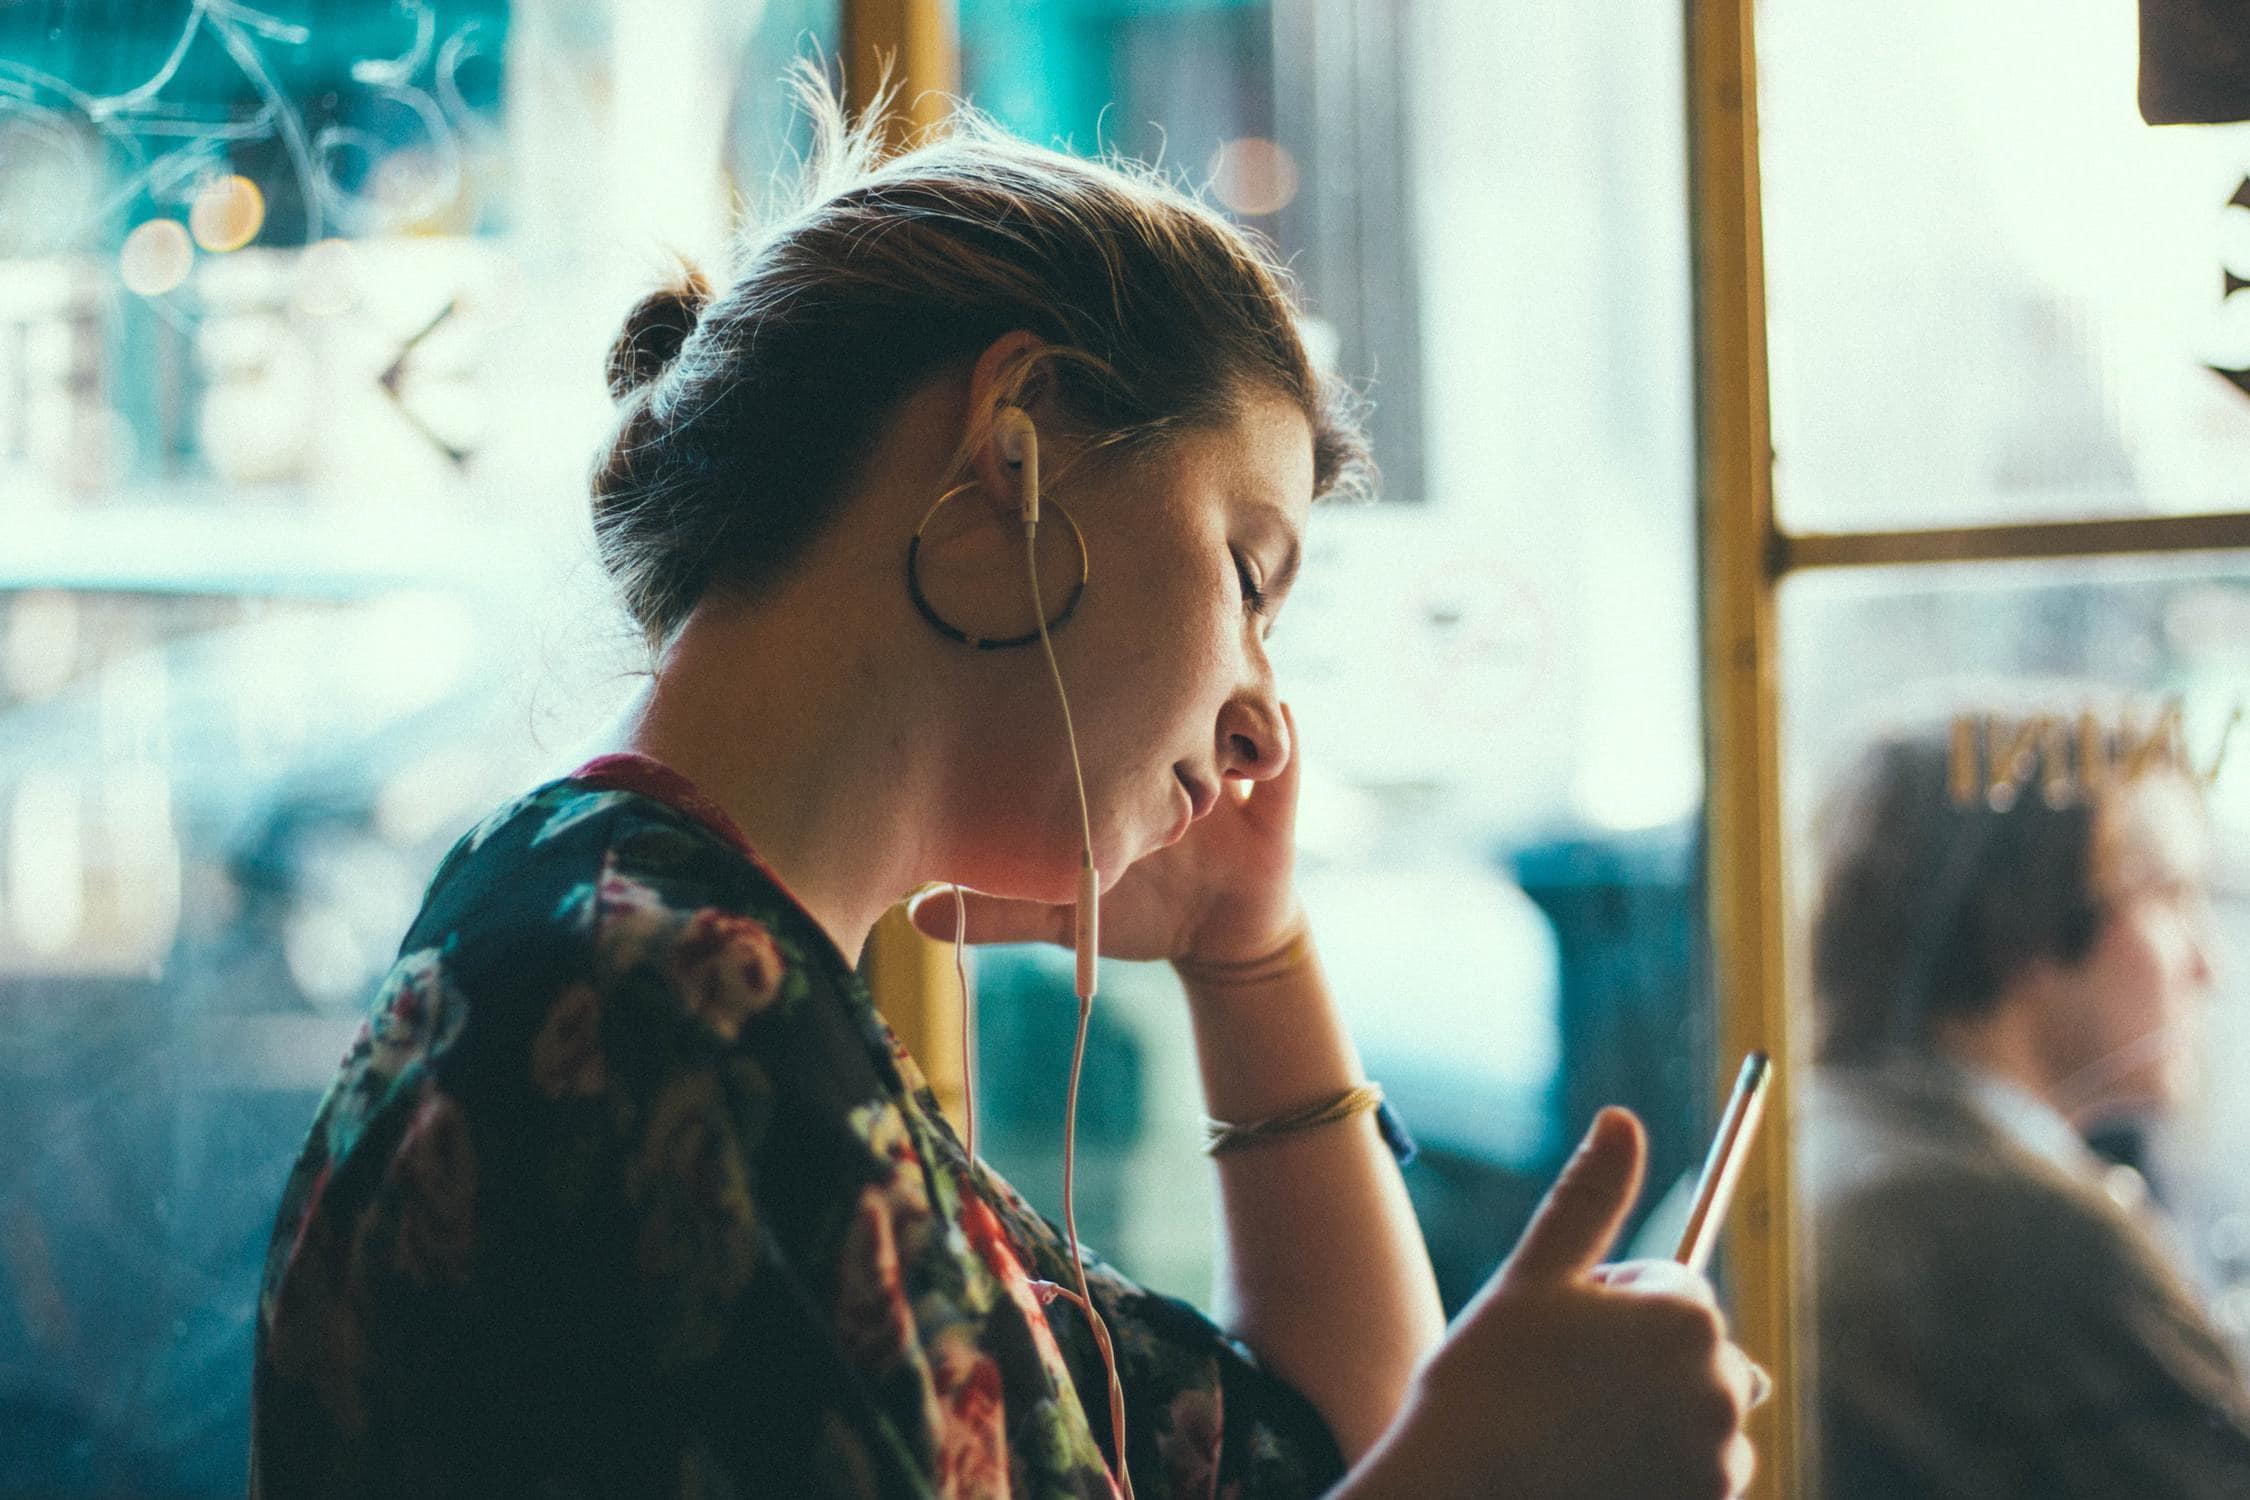 Frau mit weißen Kopfhörern